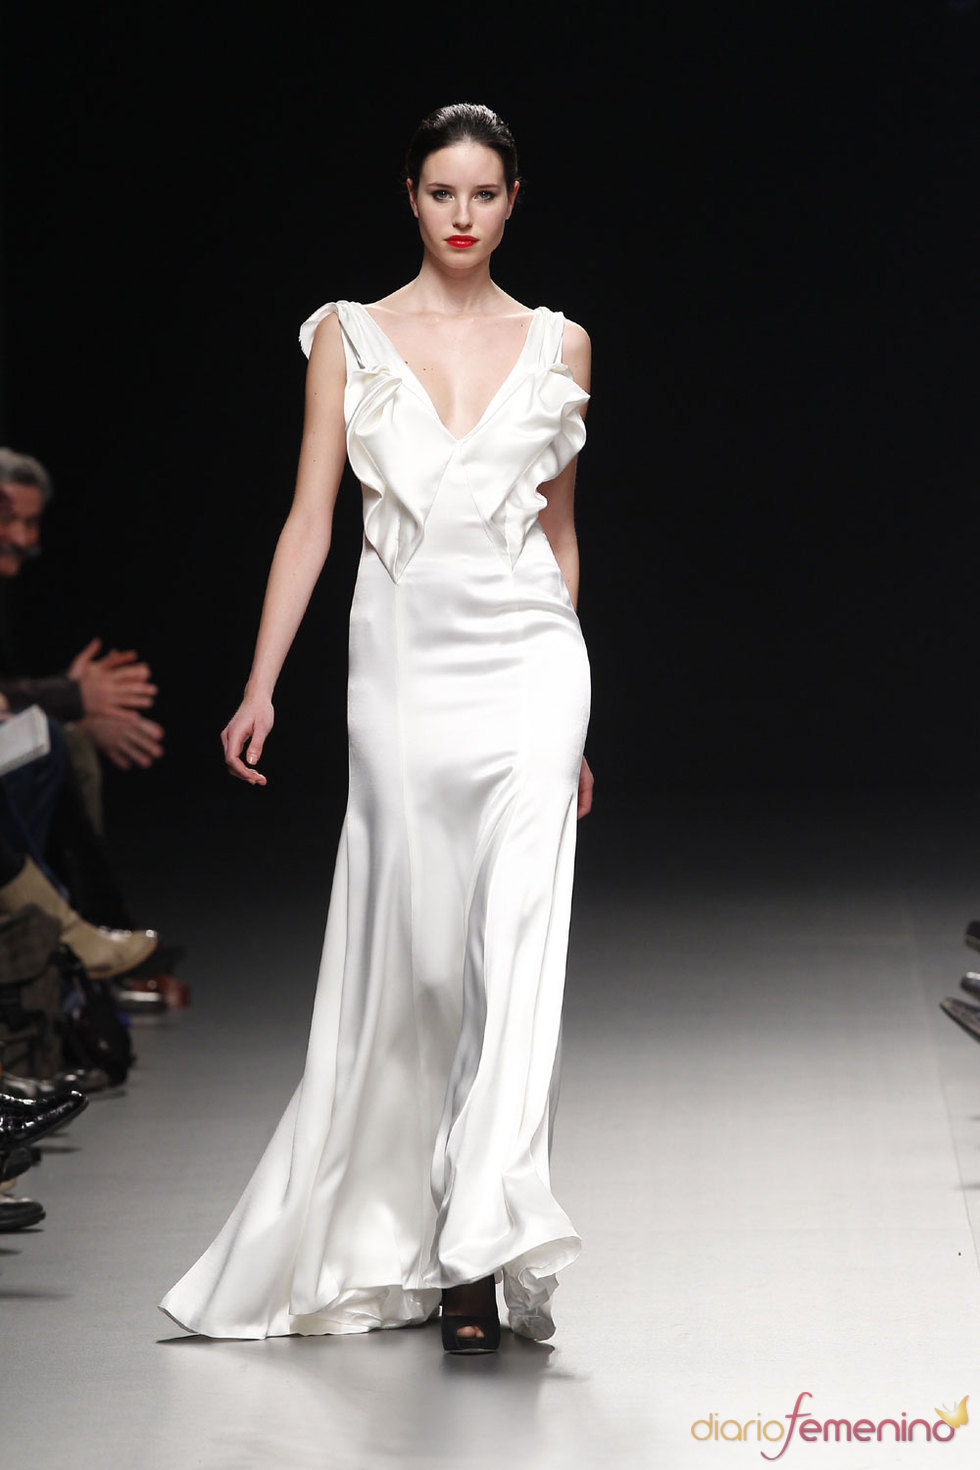 La colección de Juana Martín en Cibeles Fashion Week 2010